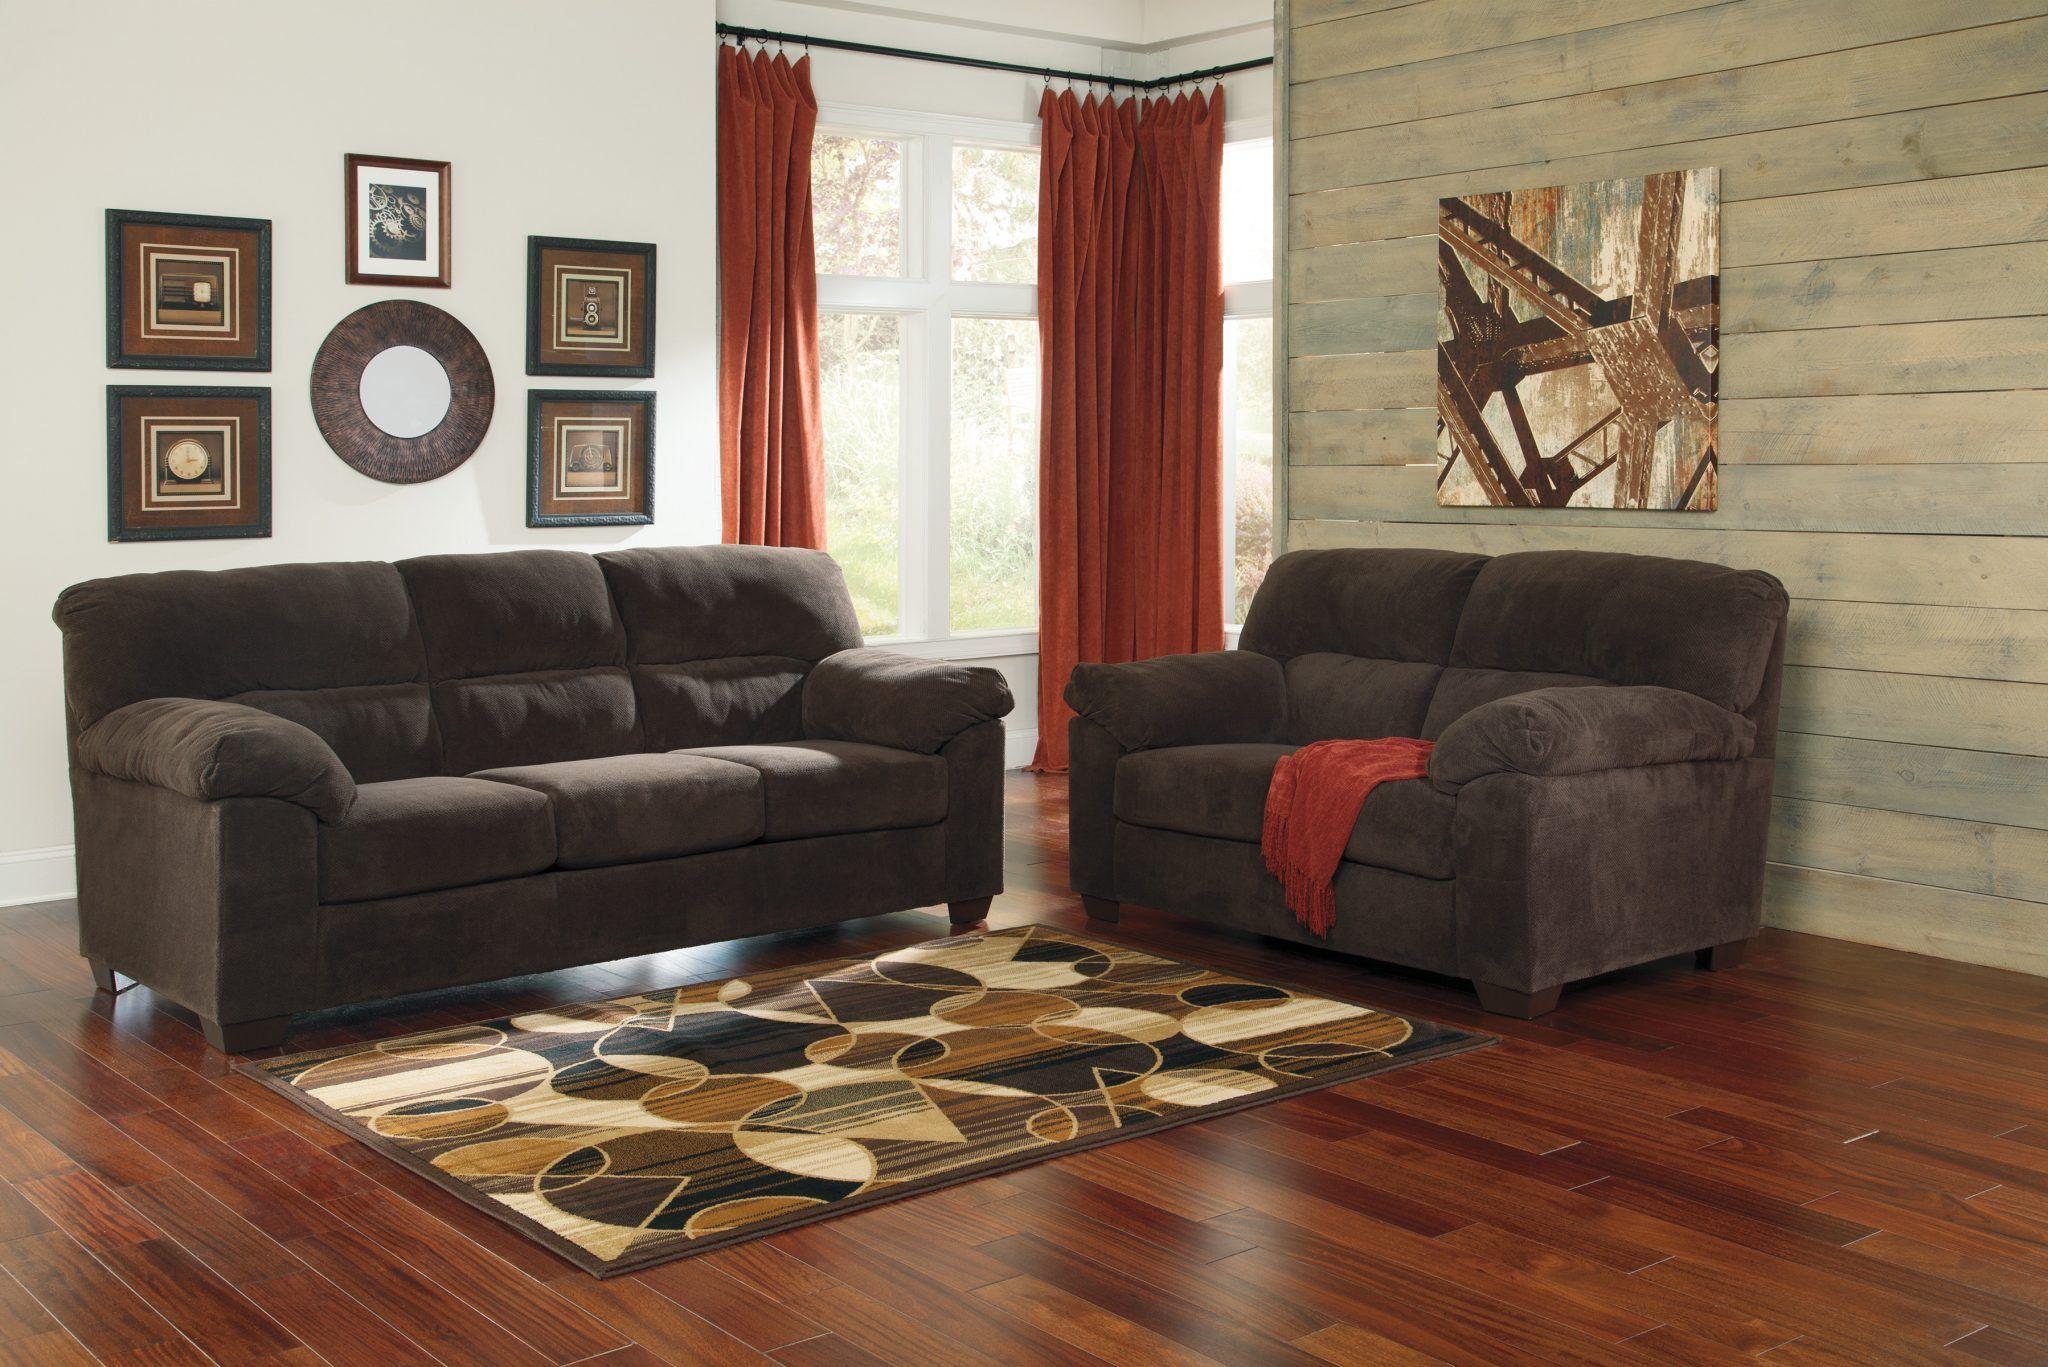 sofa und zeitgenossische sofas leder sofa loveseat und stuhl wohnzimmer sets zum verkauf liebe couch liege stuhle